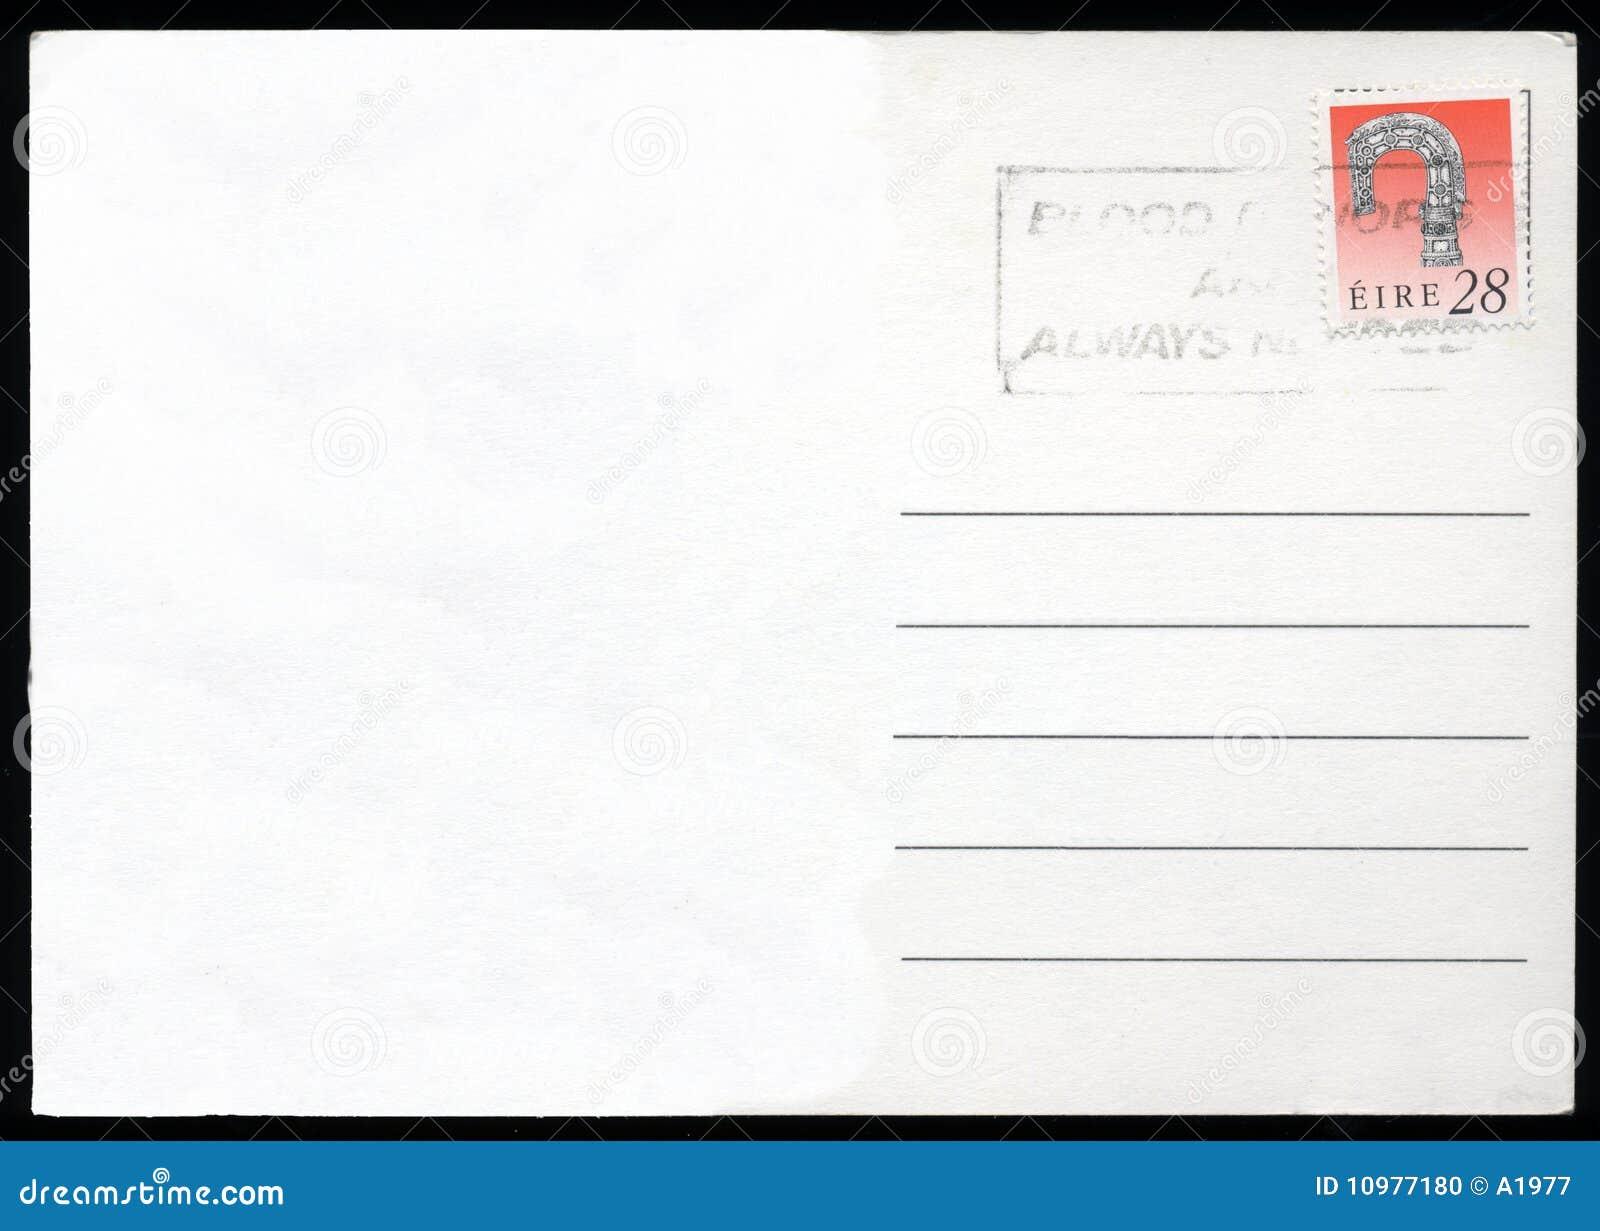 Образец открыток для печати